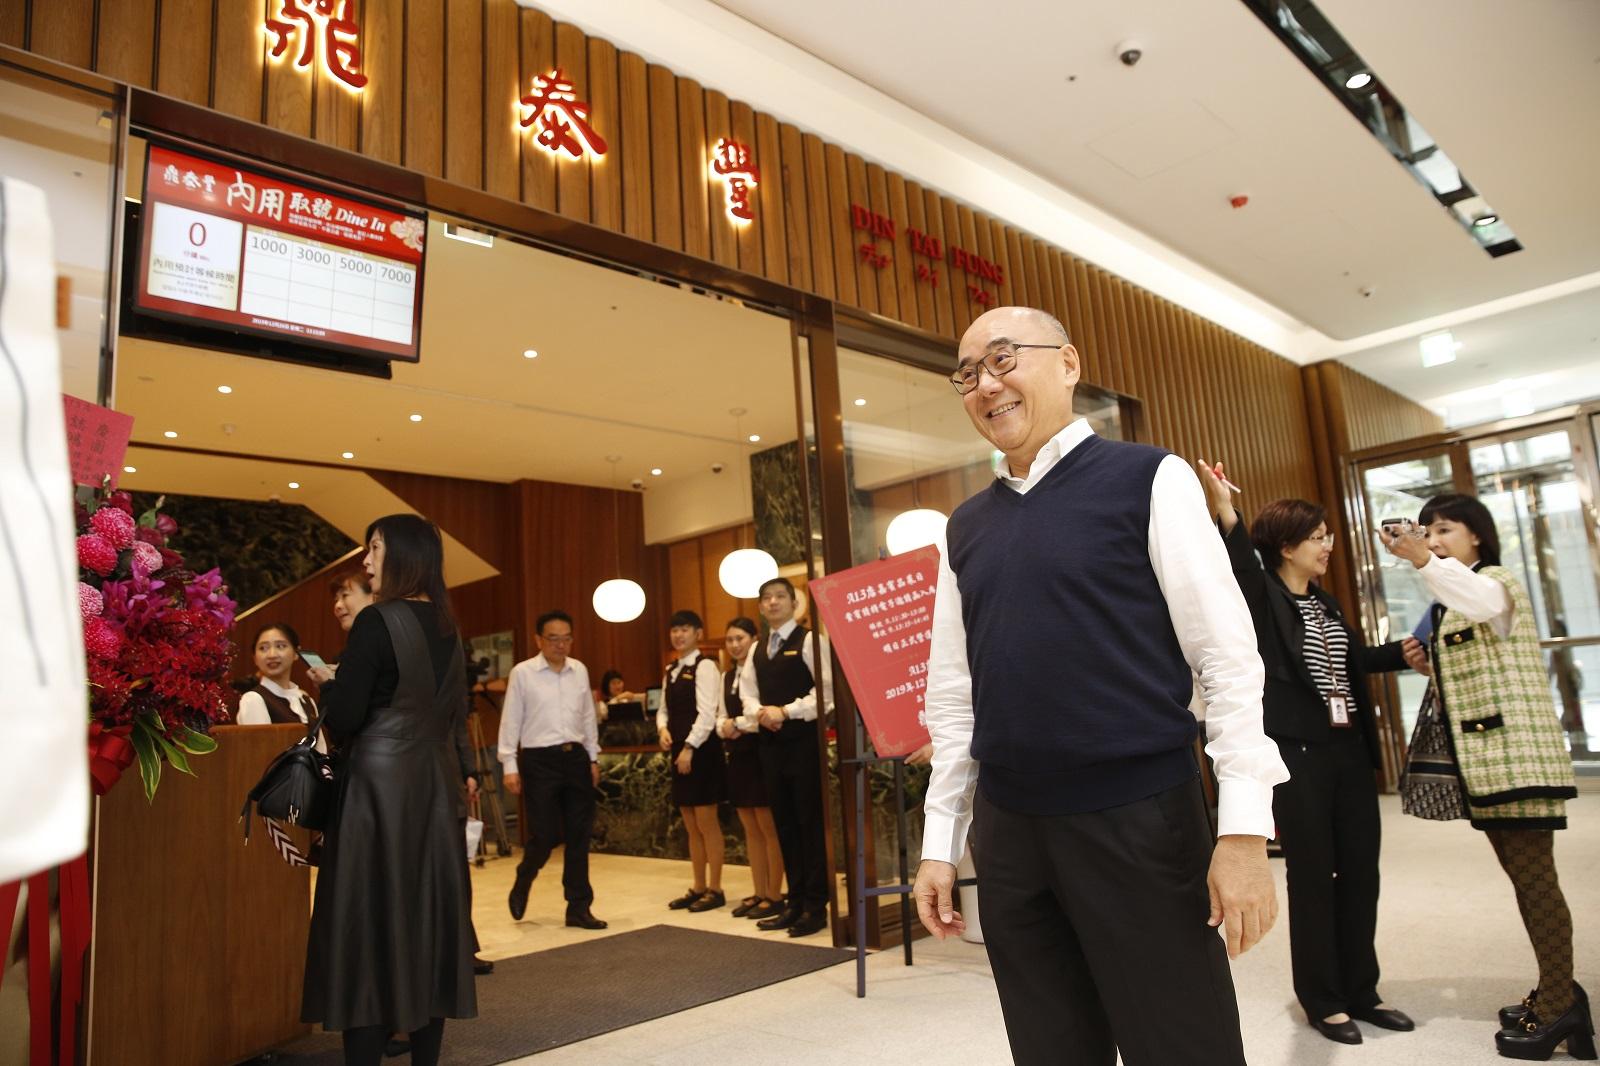 鼎泰豐第11家門市將開幕,扮演信義百貨商圈重要戰略地位